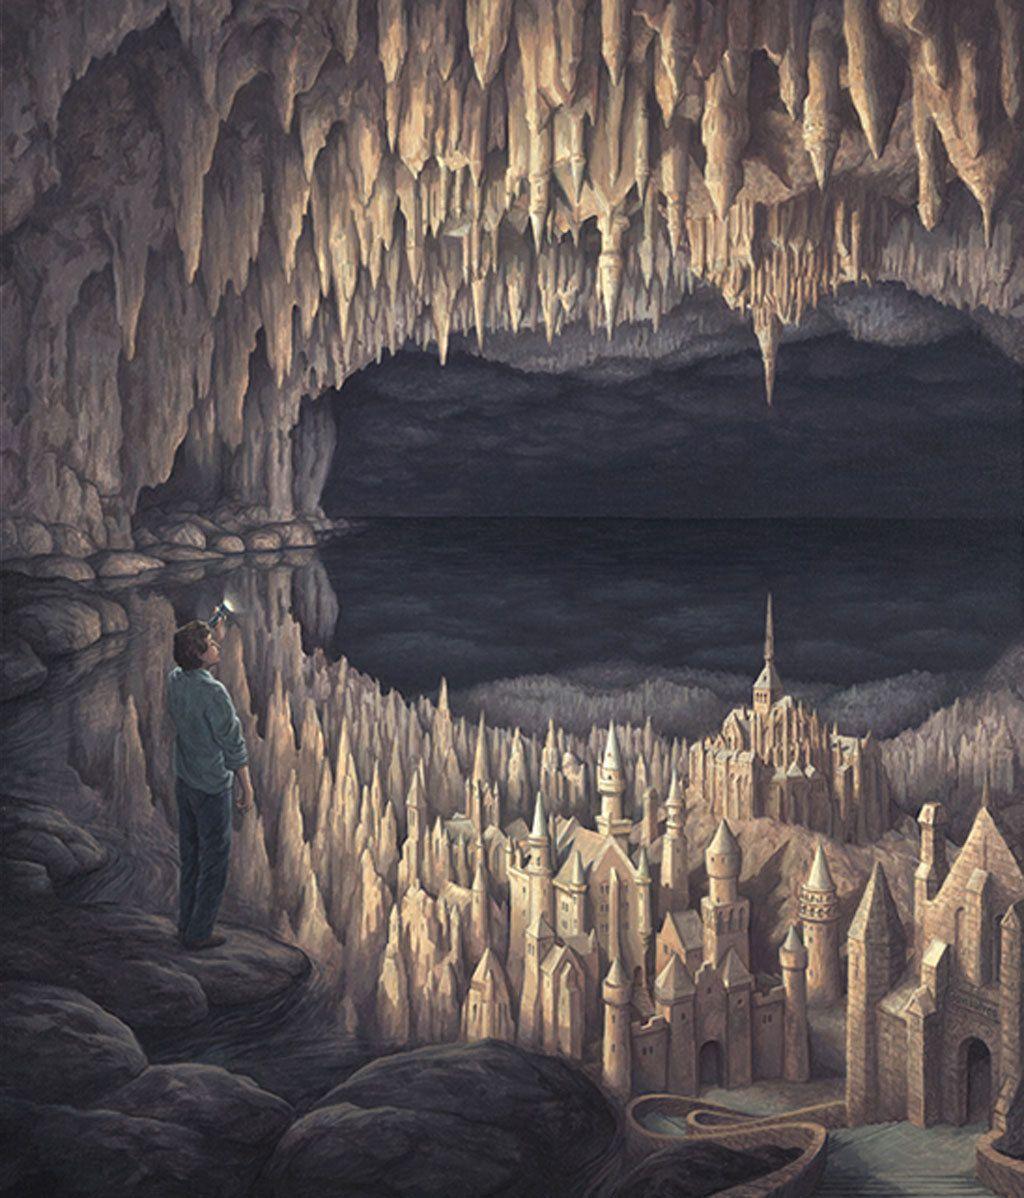 Un viaje por el realismo mágico de Rob Gonsalvez